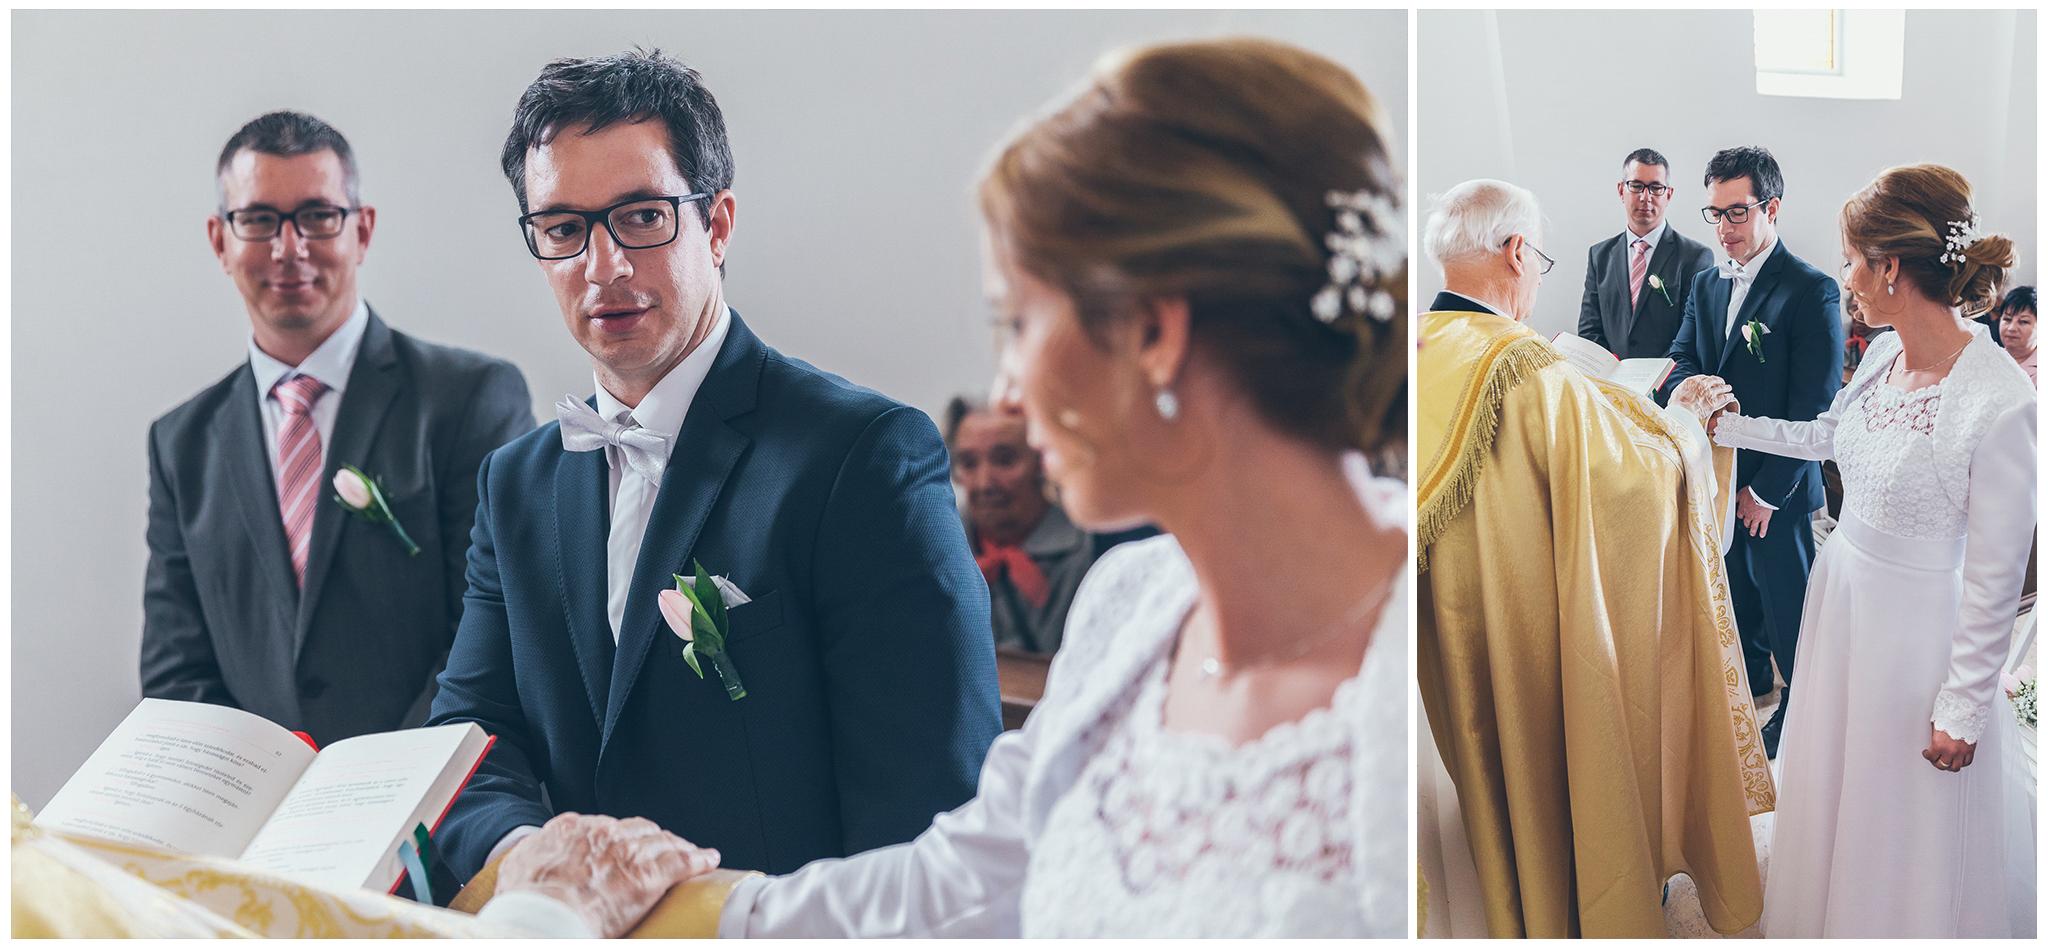 FylepPhoto, esküvőfotós, esküvői fotós Körmend, Szombathely, esküvőfotózás, magyarország, vas megye, prémium, jegyesfotózás, Fülöp Péter, körmend, kreatív, fotográfus_18.jpg